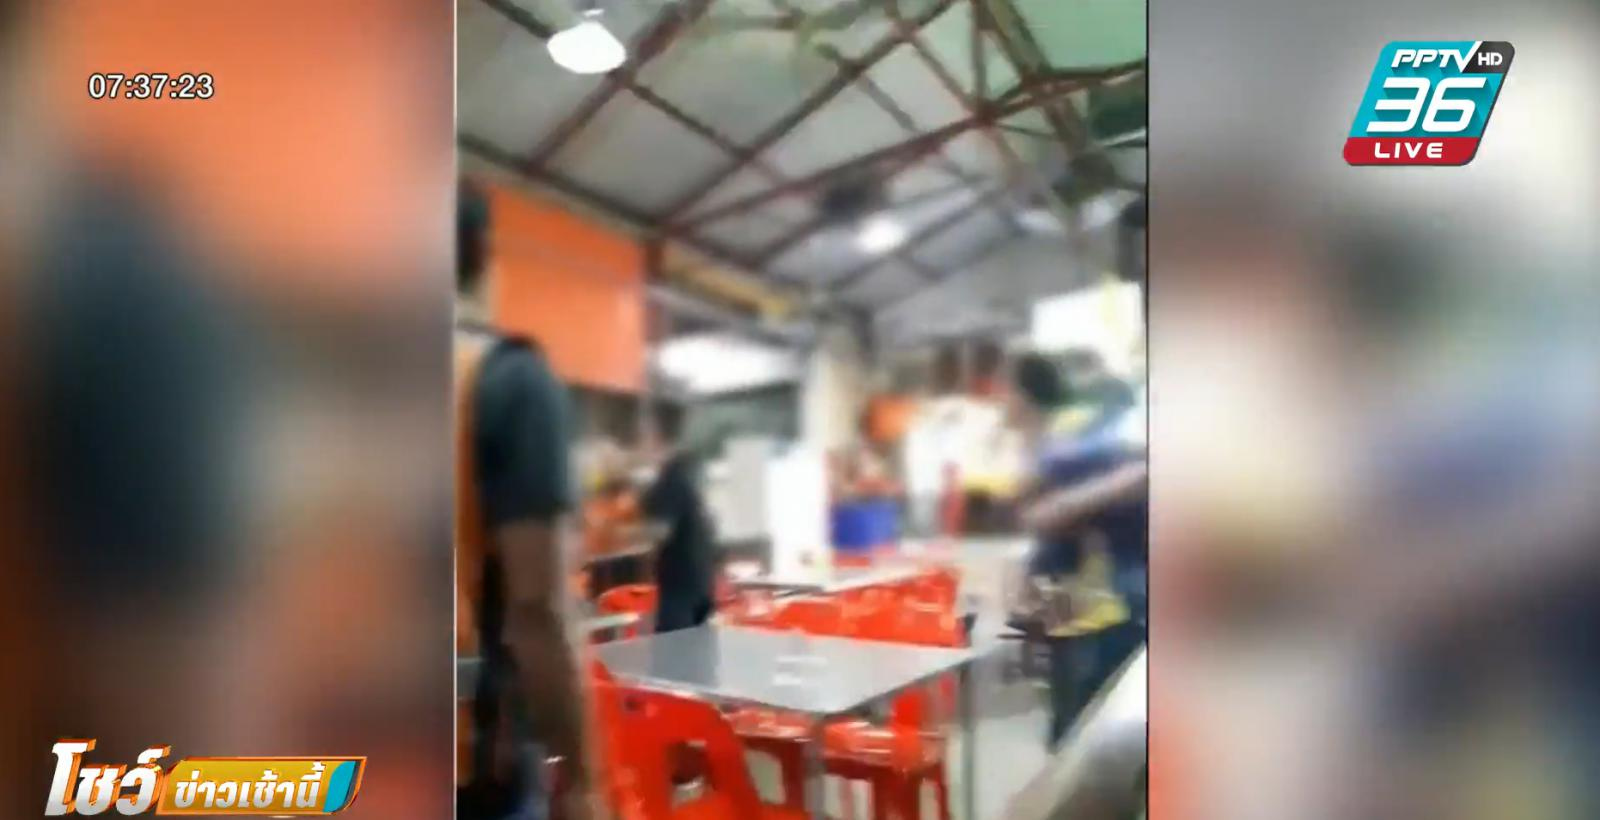 หนุ่มกร่าง ชักปืนขู่คู่อริ กลางร้านข้าวต้ม